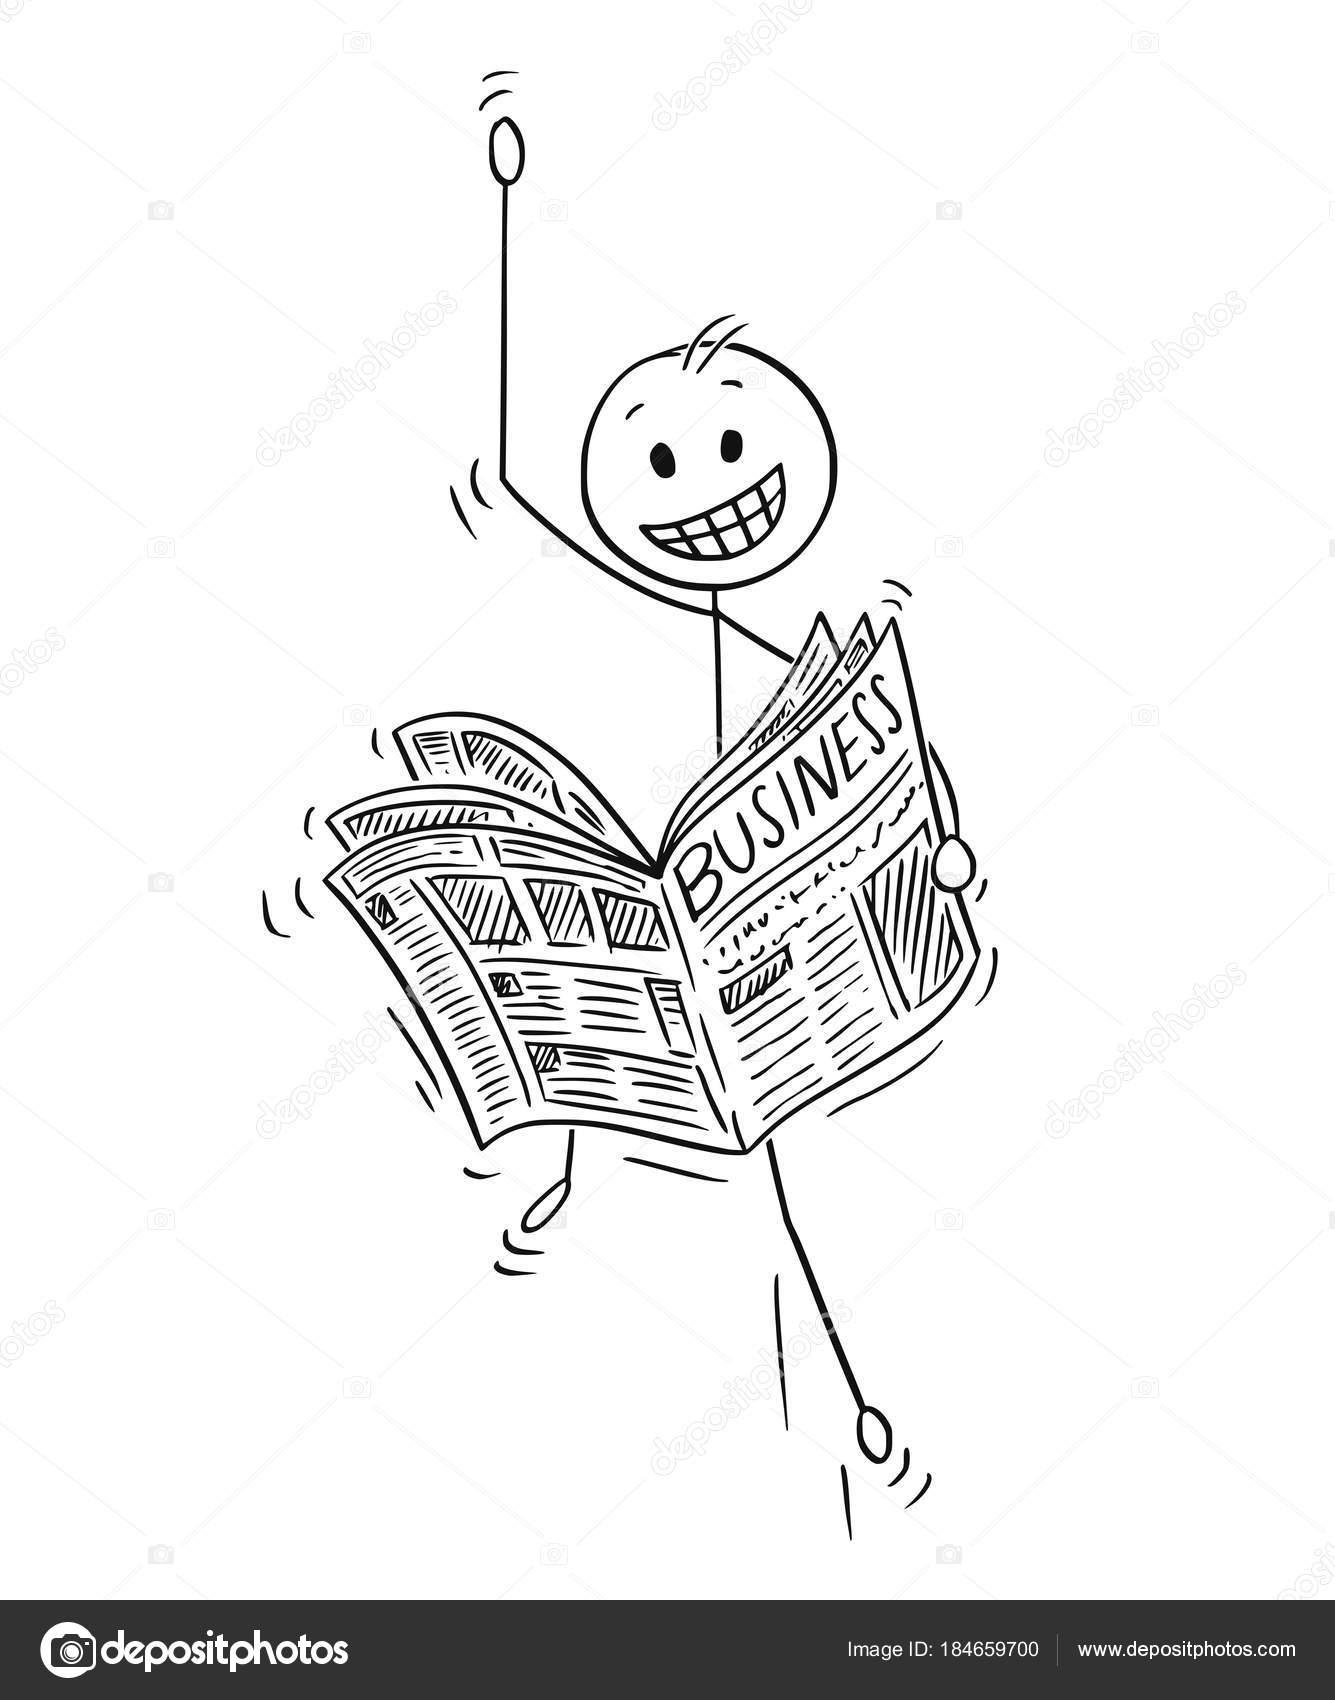 Imágenes Negocios En Caricatura Caricatura De Hombre De Negocios